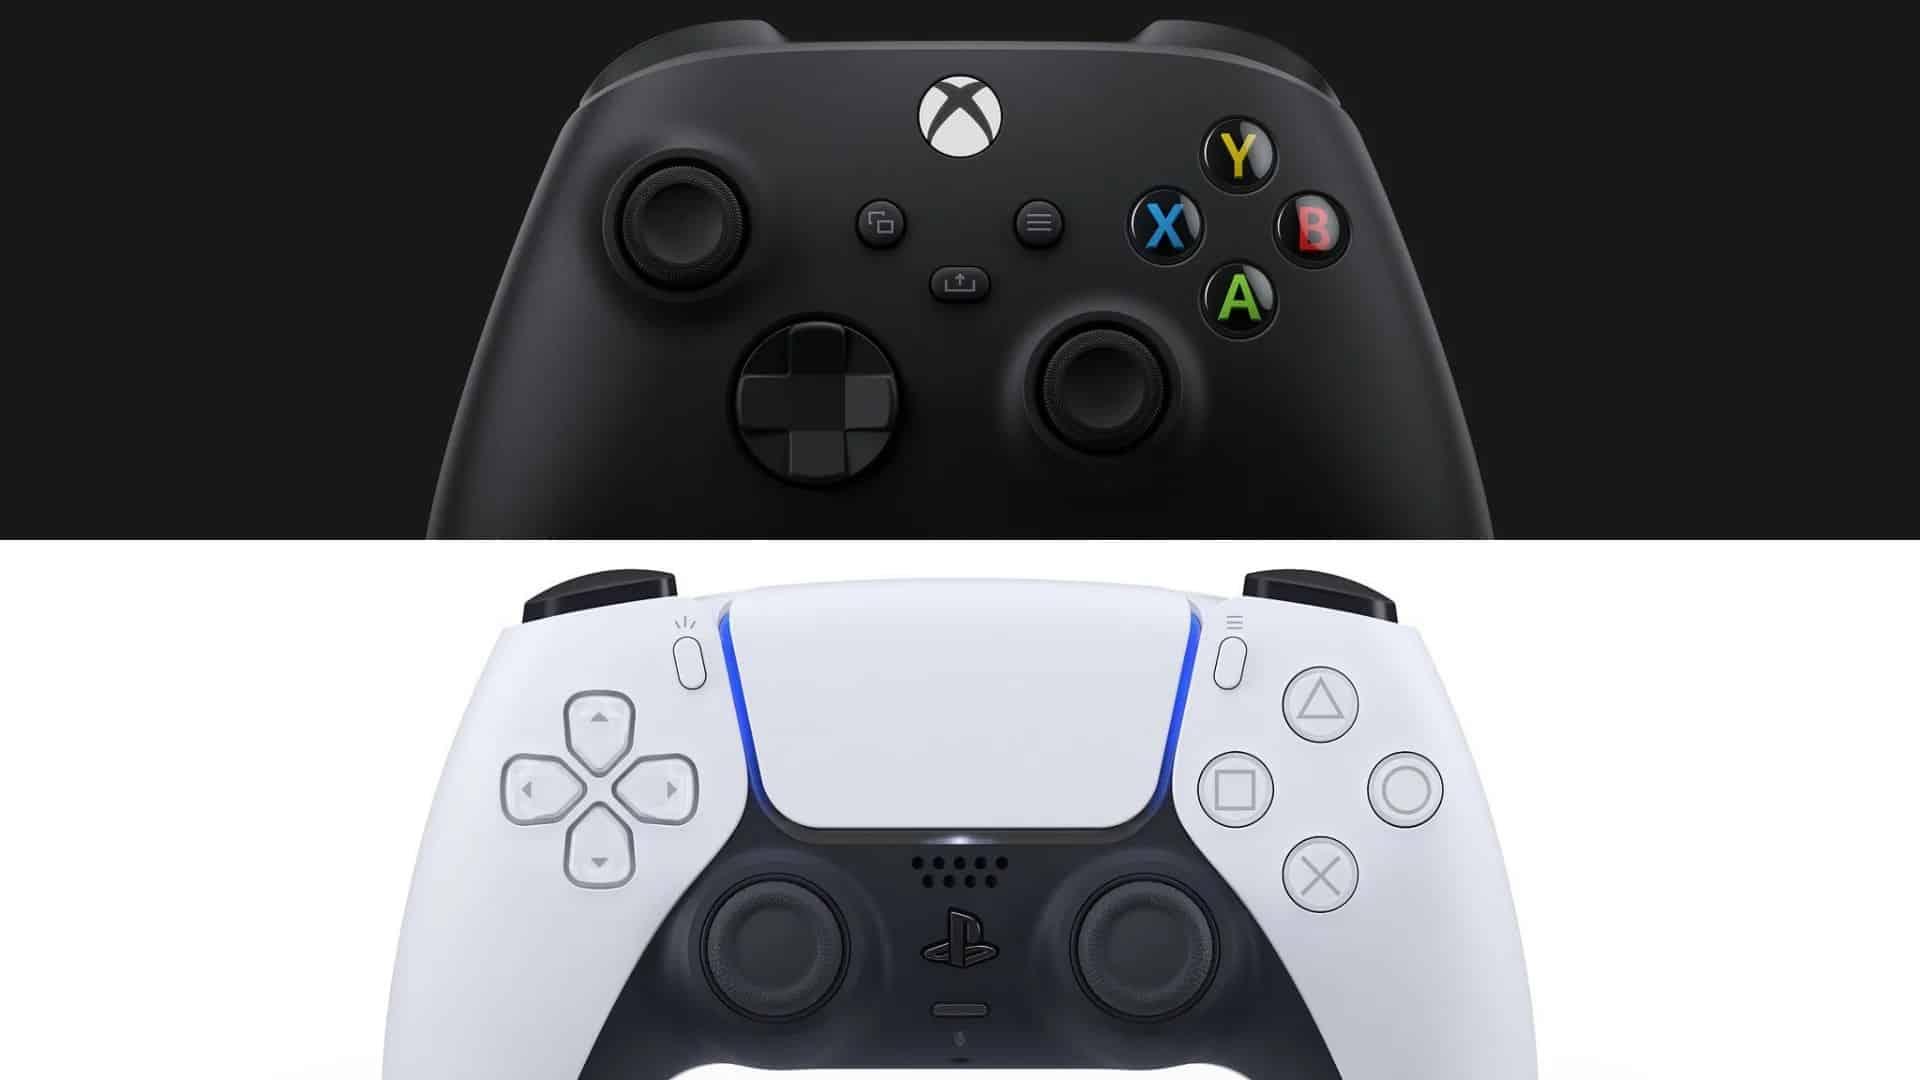 مقارنة بين ذراع تحكم اكس بوكس سيريس اكس و DualSense بلايستيشن 5